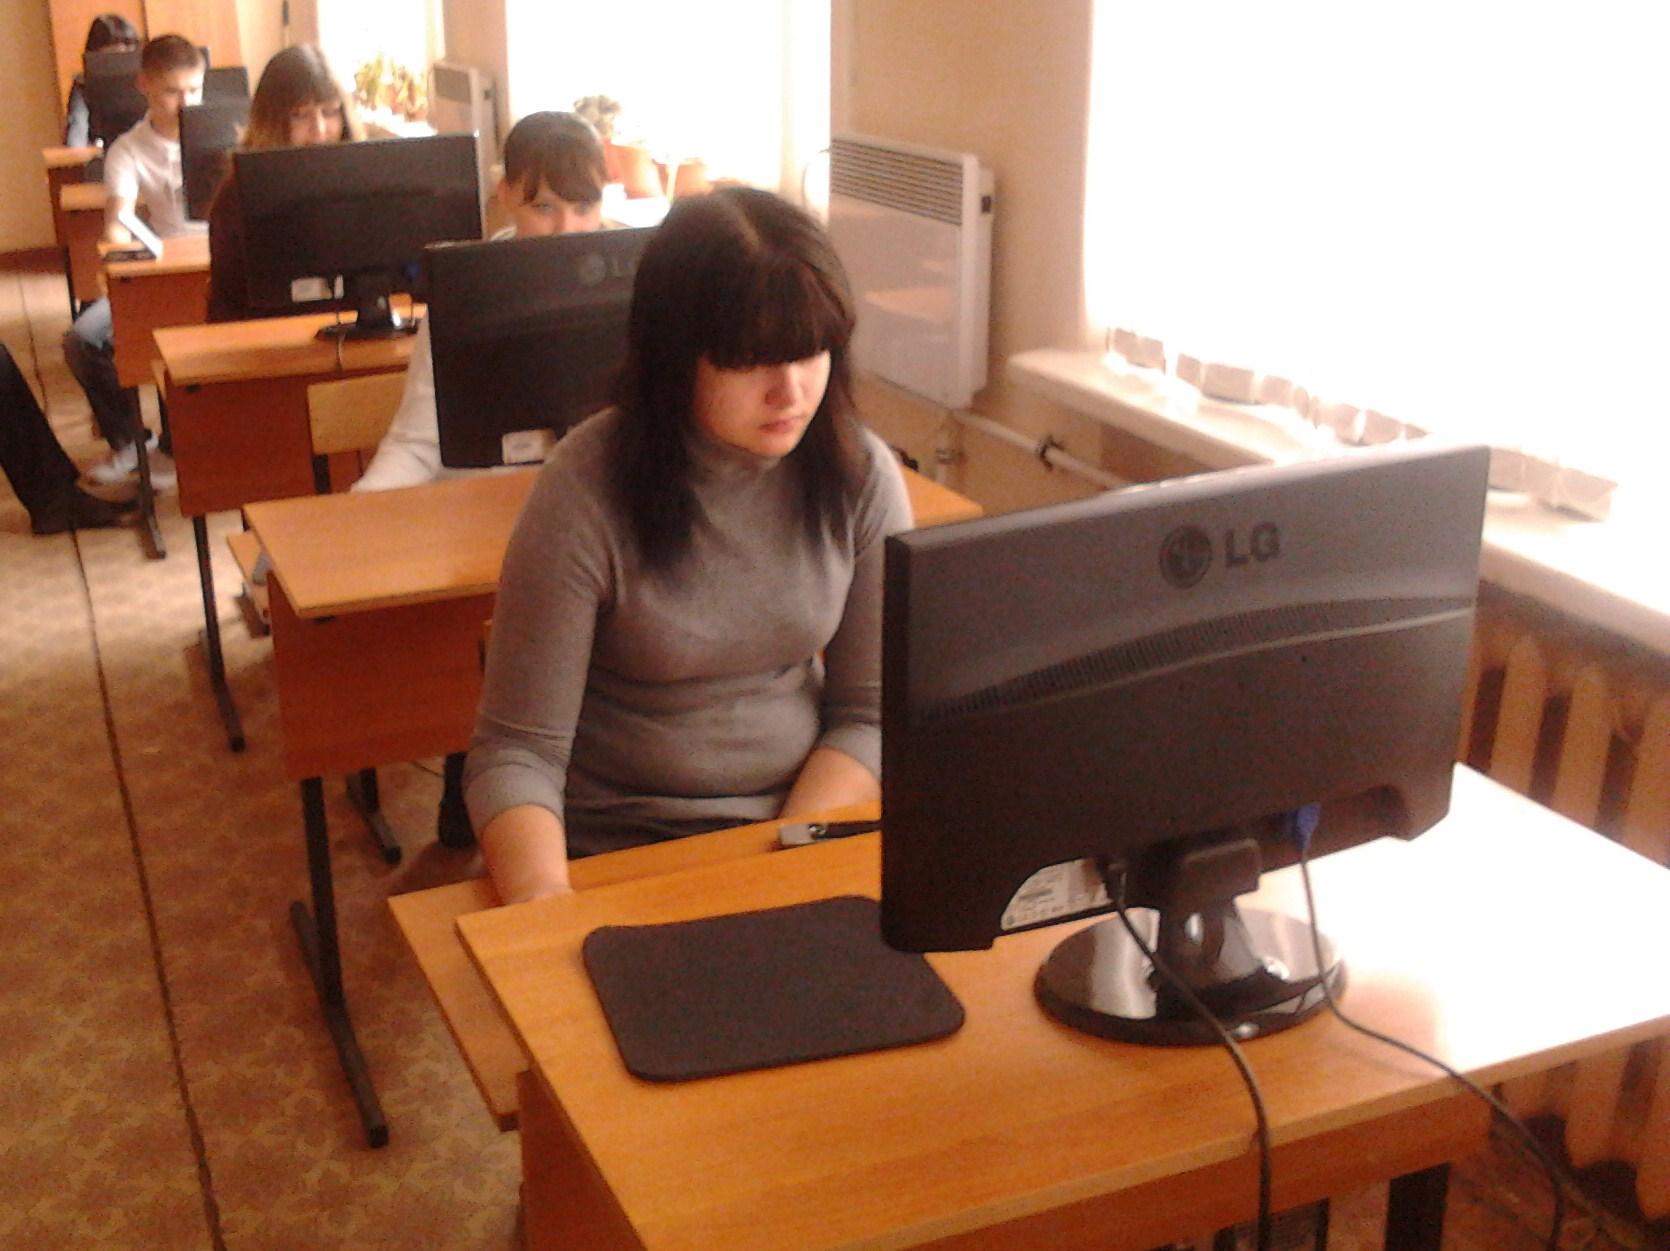 Конкурс мастер по обработке цифровой информации